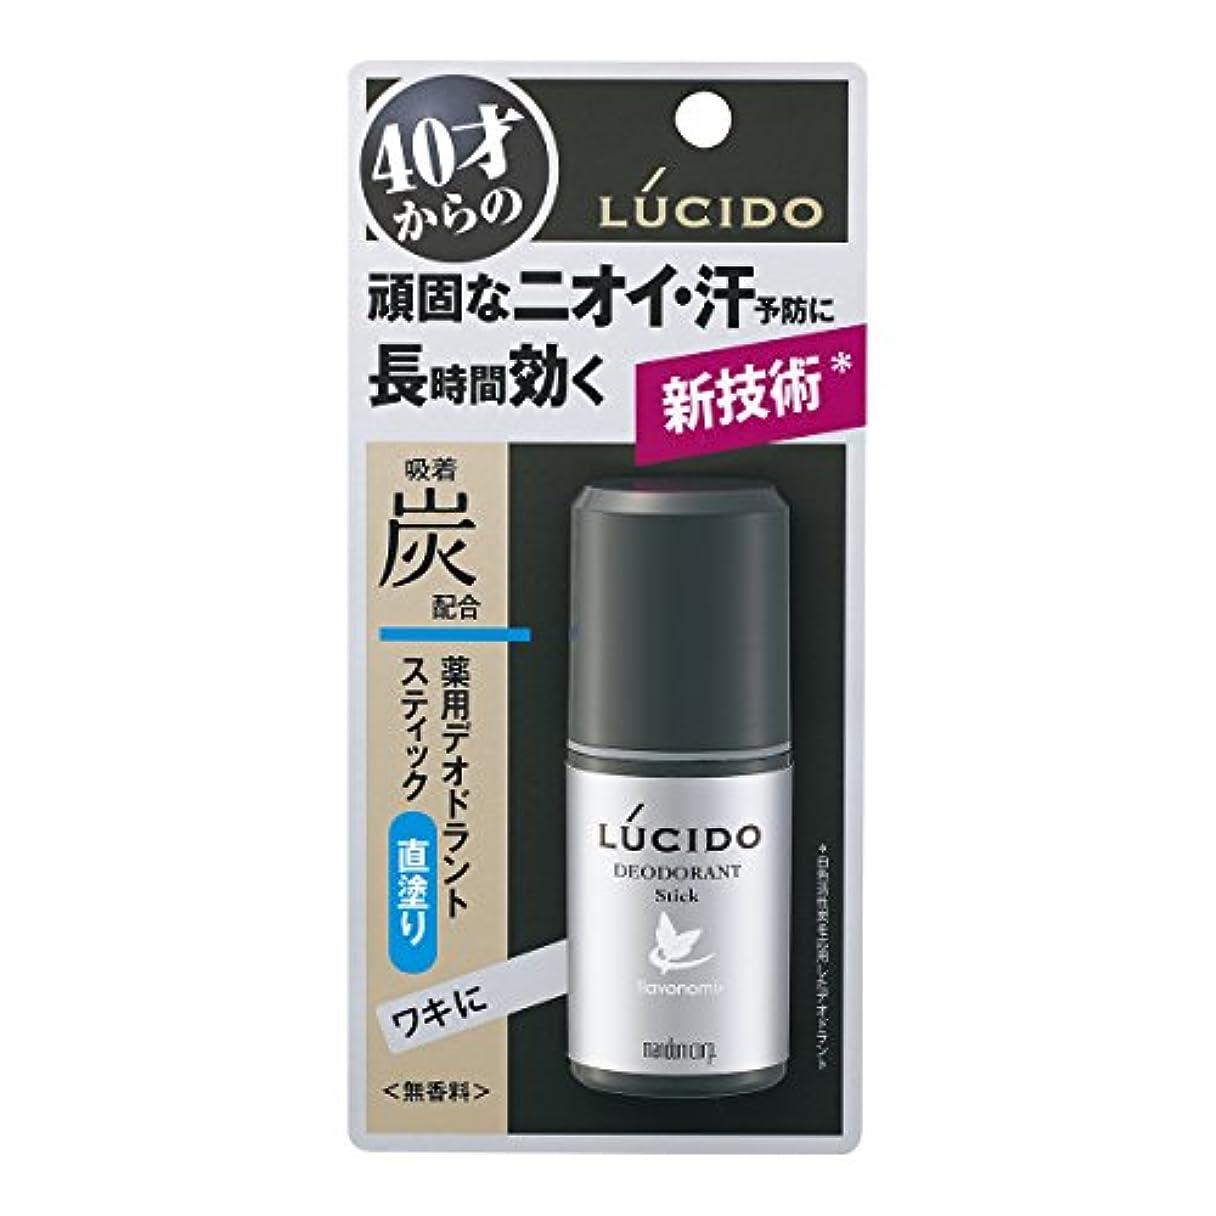 取り扱い科学的タバコルシード 薬用デオドラント高密着スティック 15g(医薬部外品)